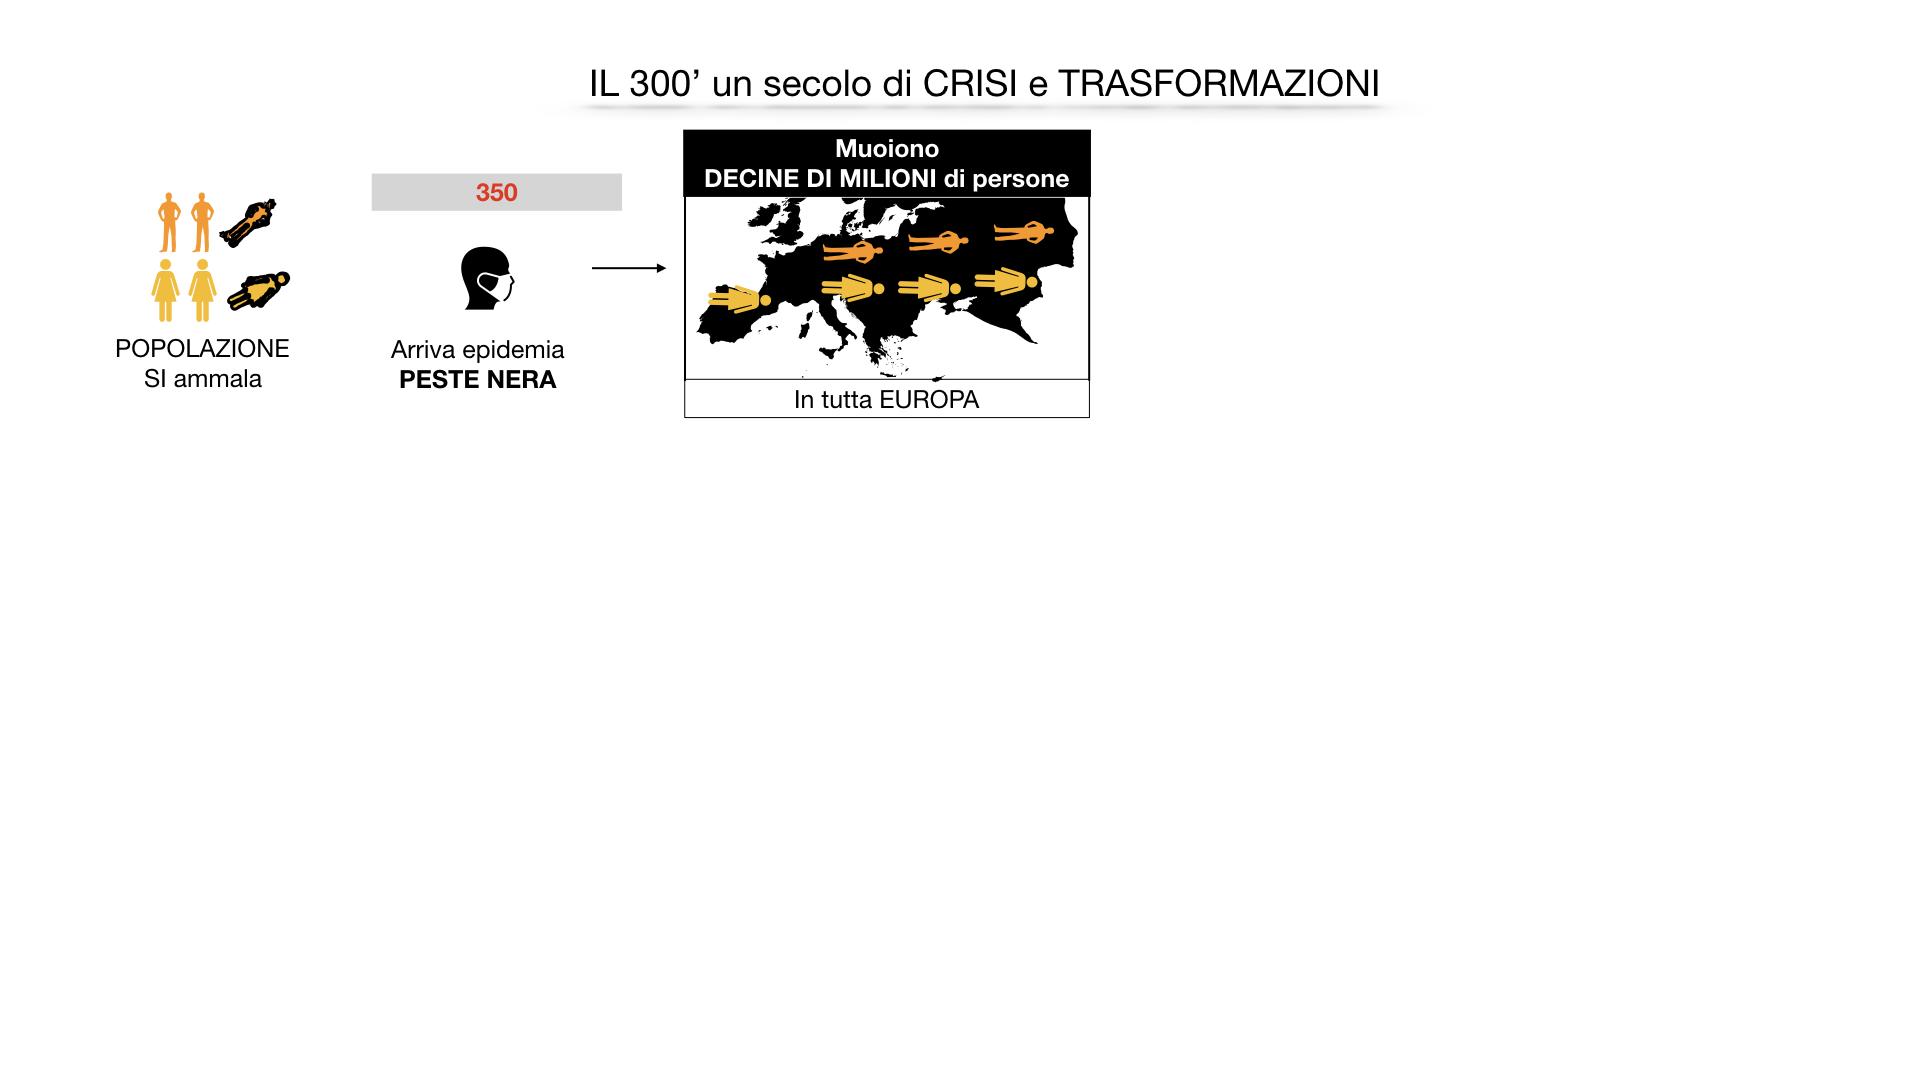 il 300 crisi e trasformazioni_ SIMULAZIONE.020